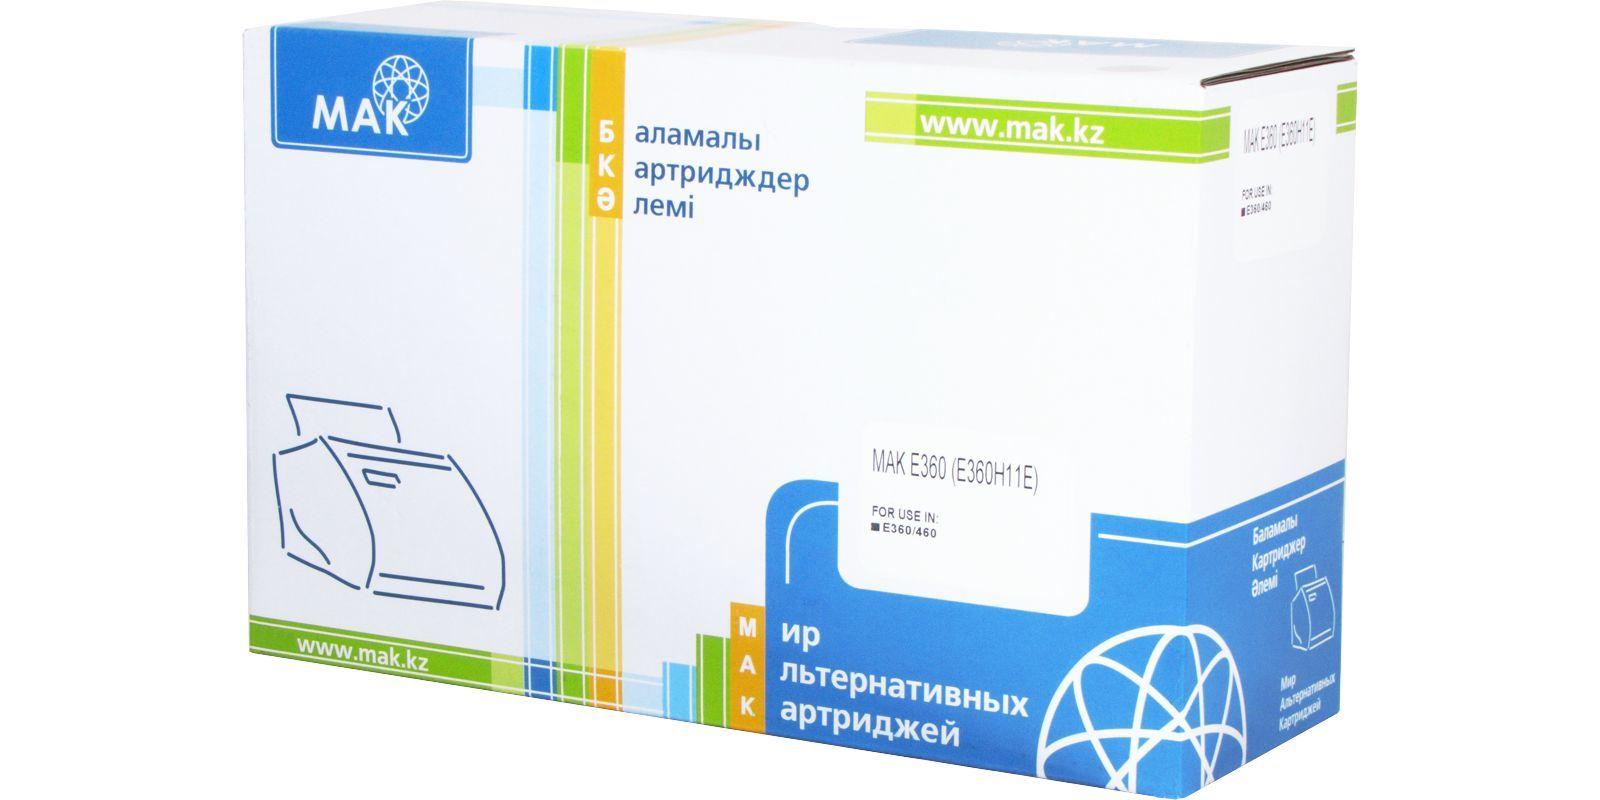 Картридж лазерный MAK© E360 (E360H11E) black 9000 стр (восстановленный) для Lexmark, Optra E360, E360d, E360dn, E460, E460dn, E460dw  - купить со скидкой